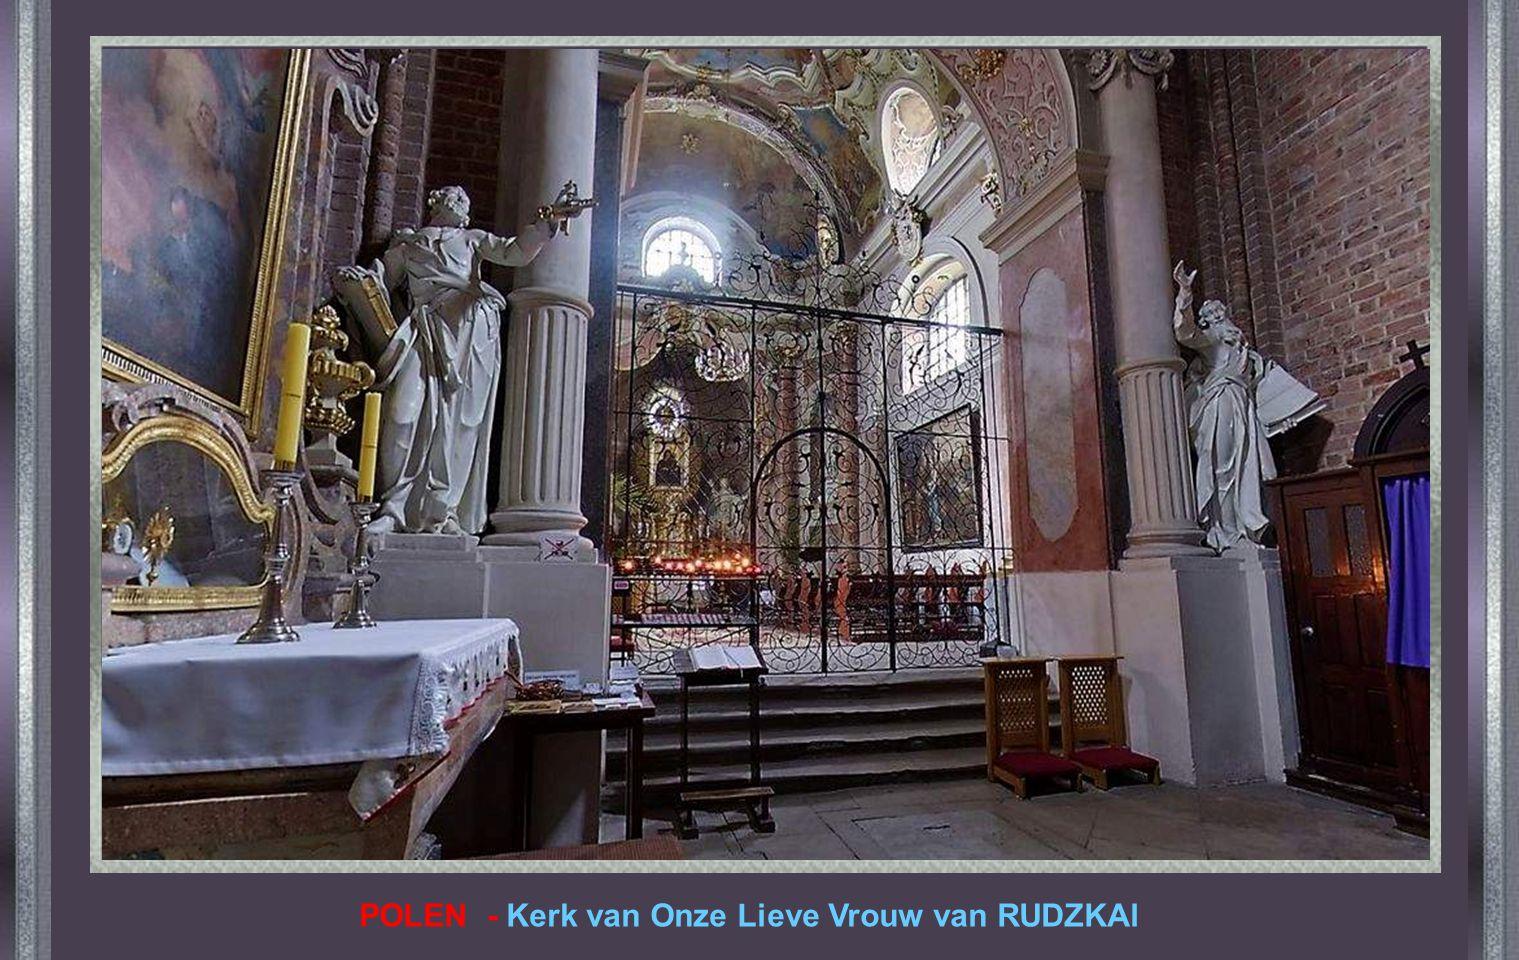 POLEN - Kerk van Onze Lieve Vrouw van RUDZKAl